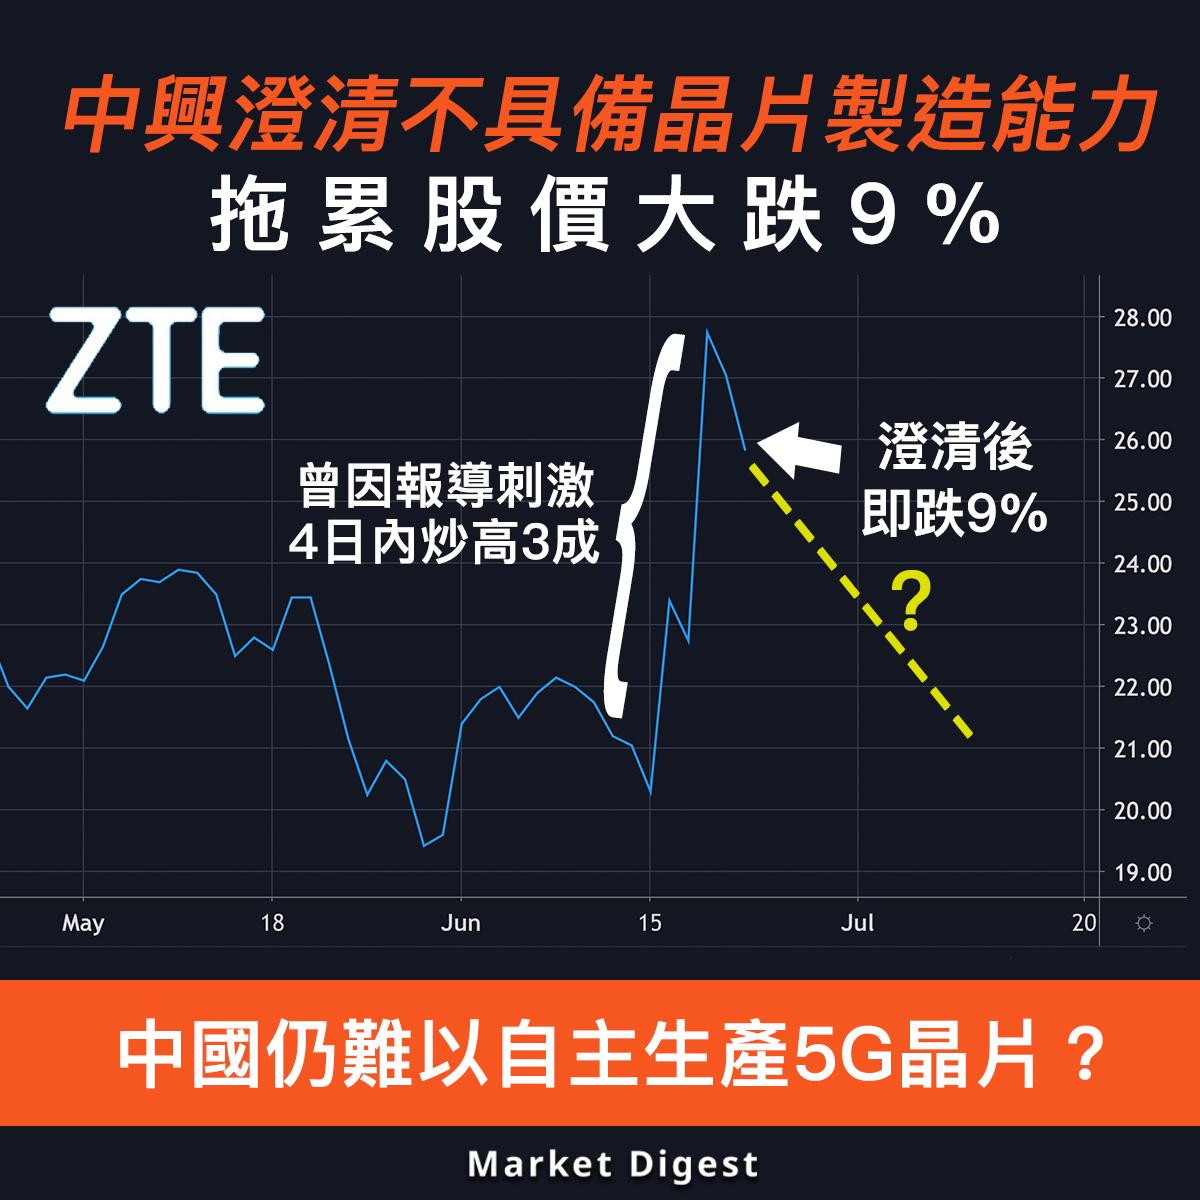 【圖解股市】中興澄清不具備晶片製造能力,拖累股價大跌9%